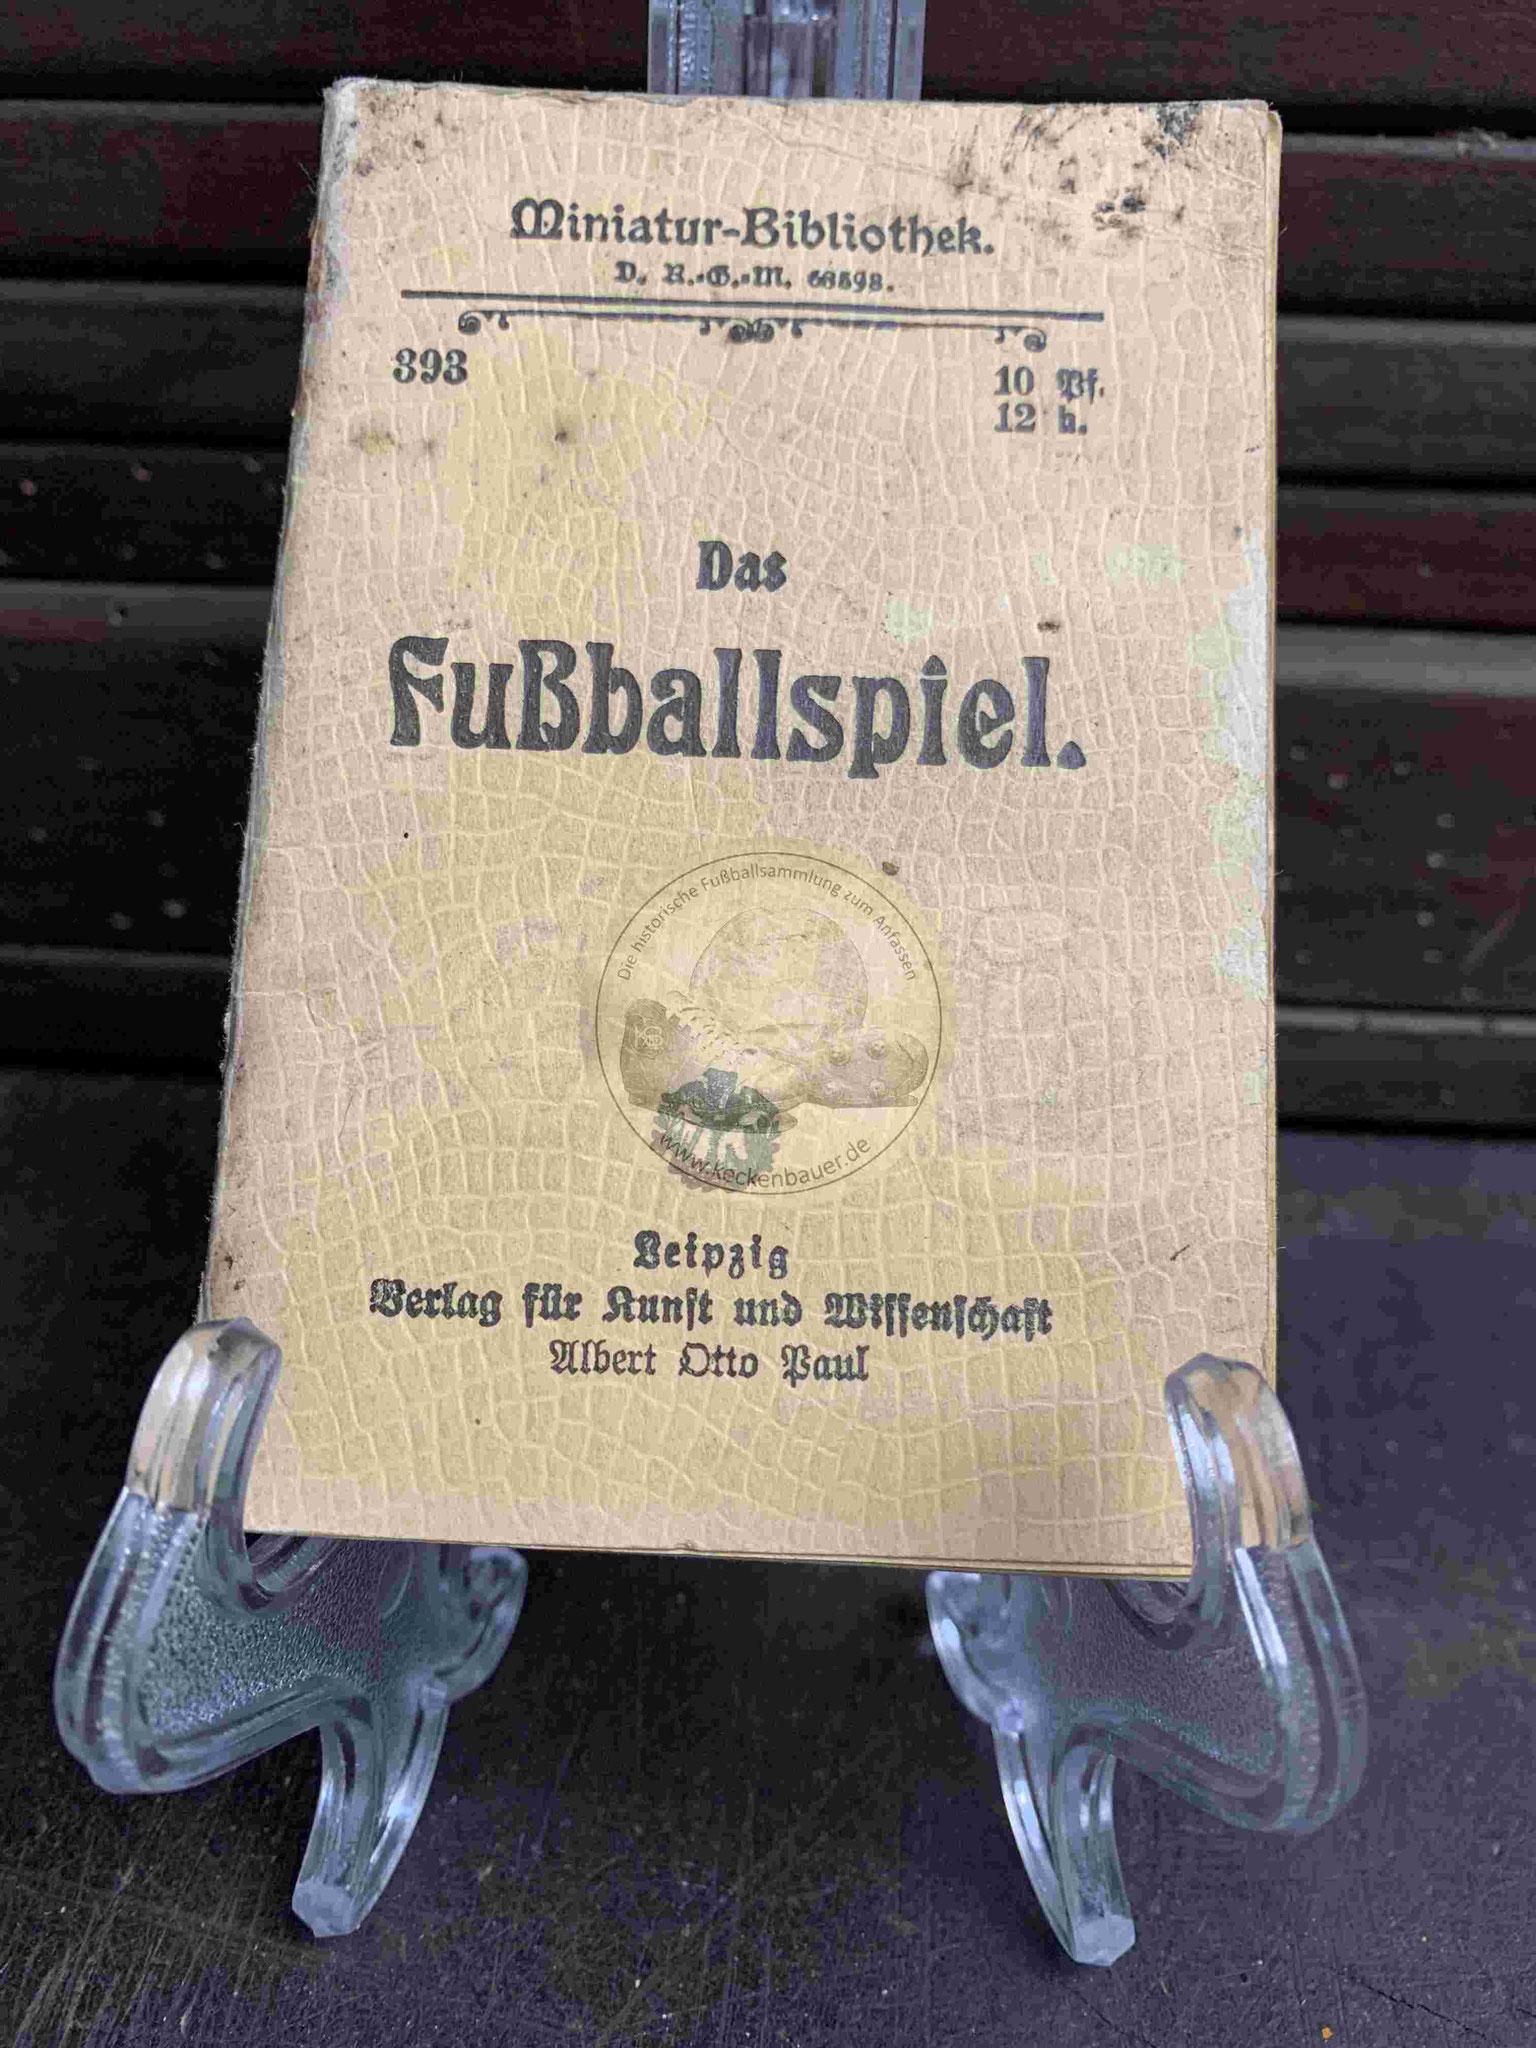 Miniatur Bibliothek Das Fußballspiel aus dem Jahr 1912